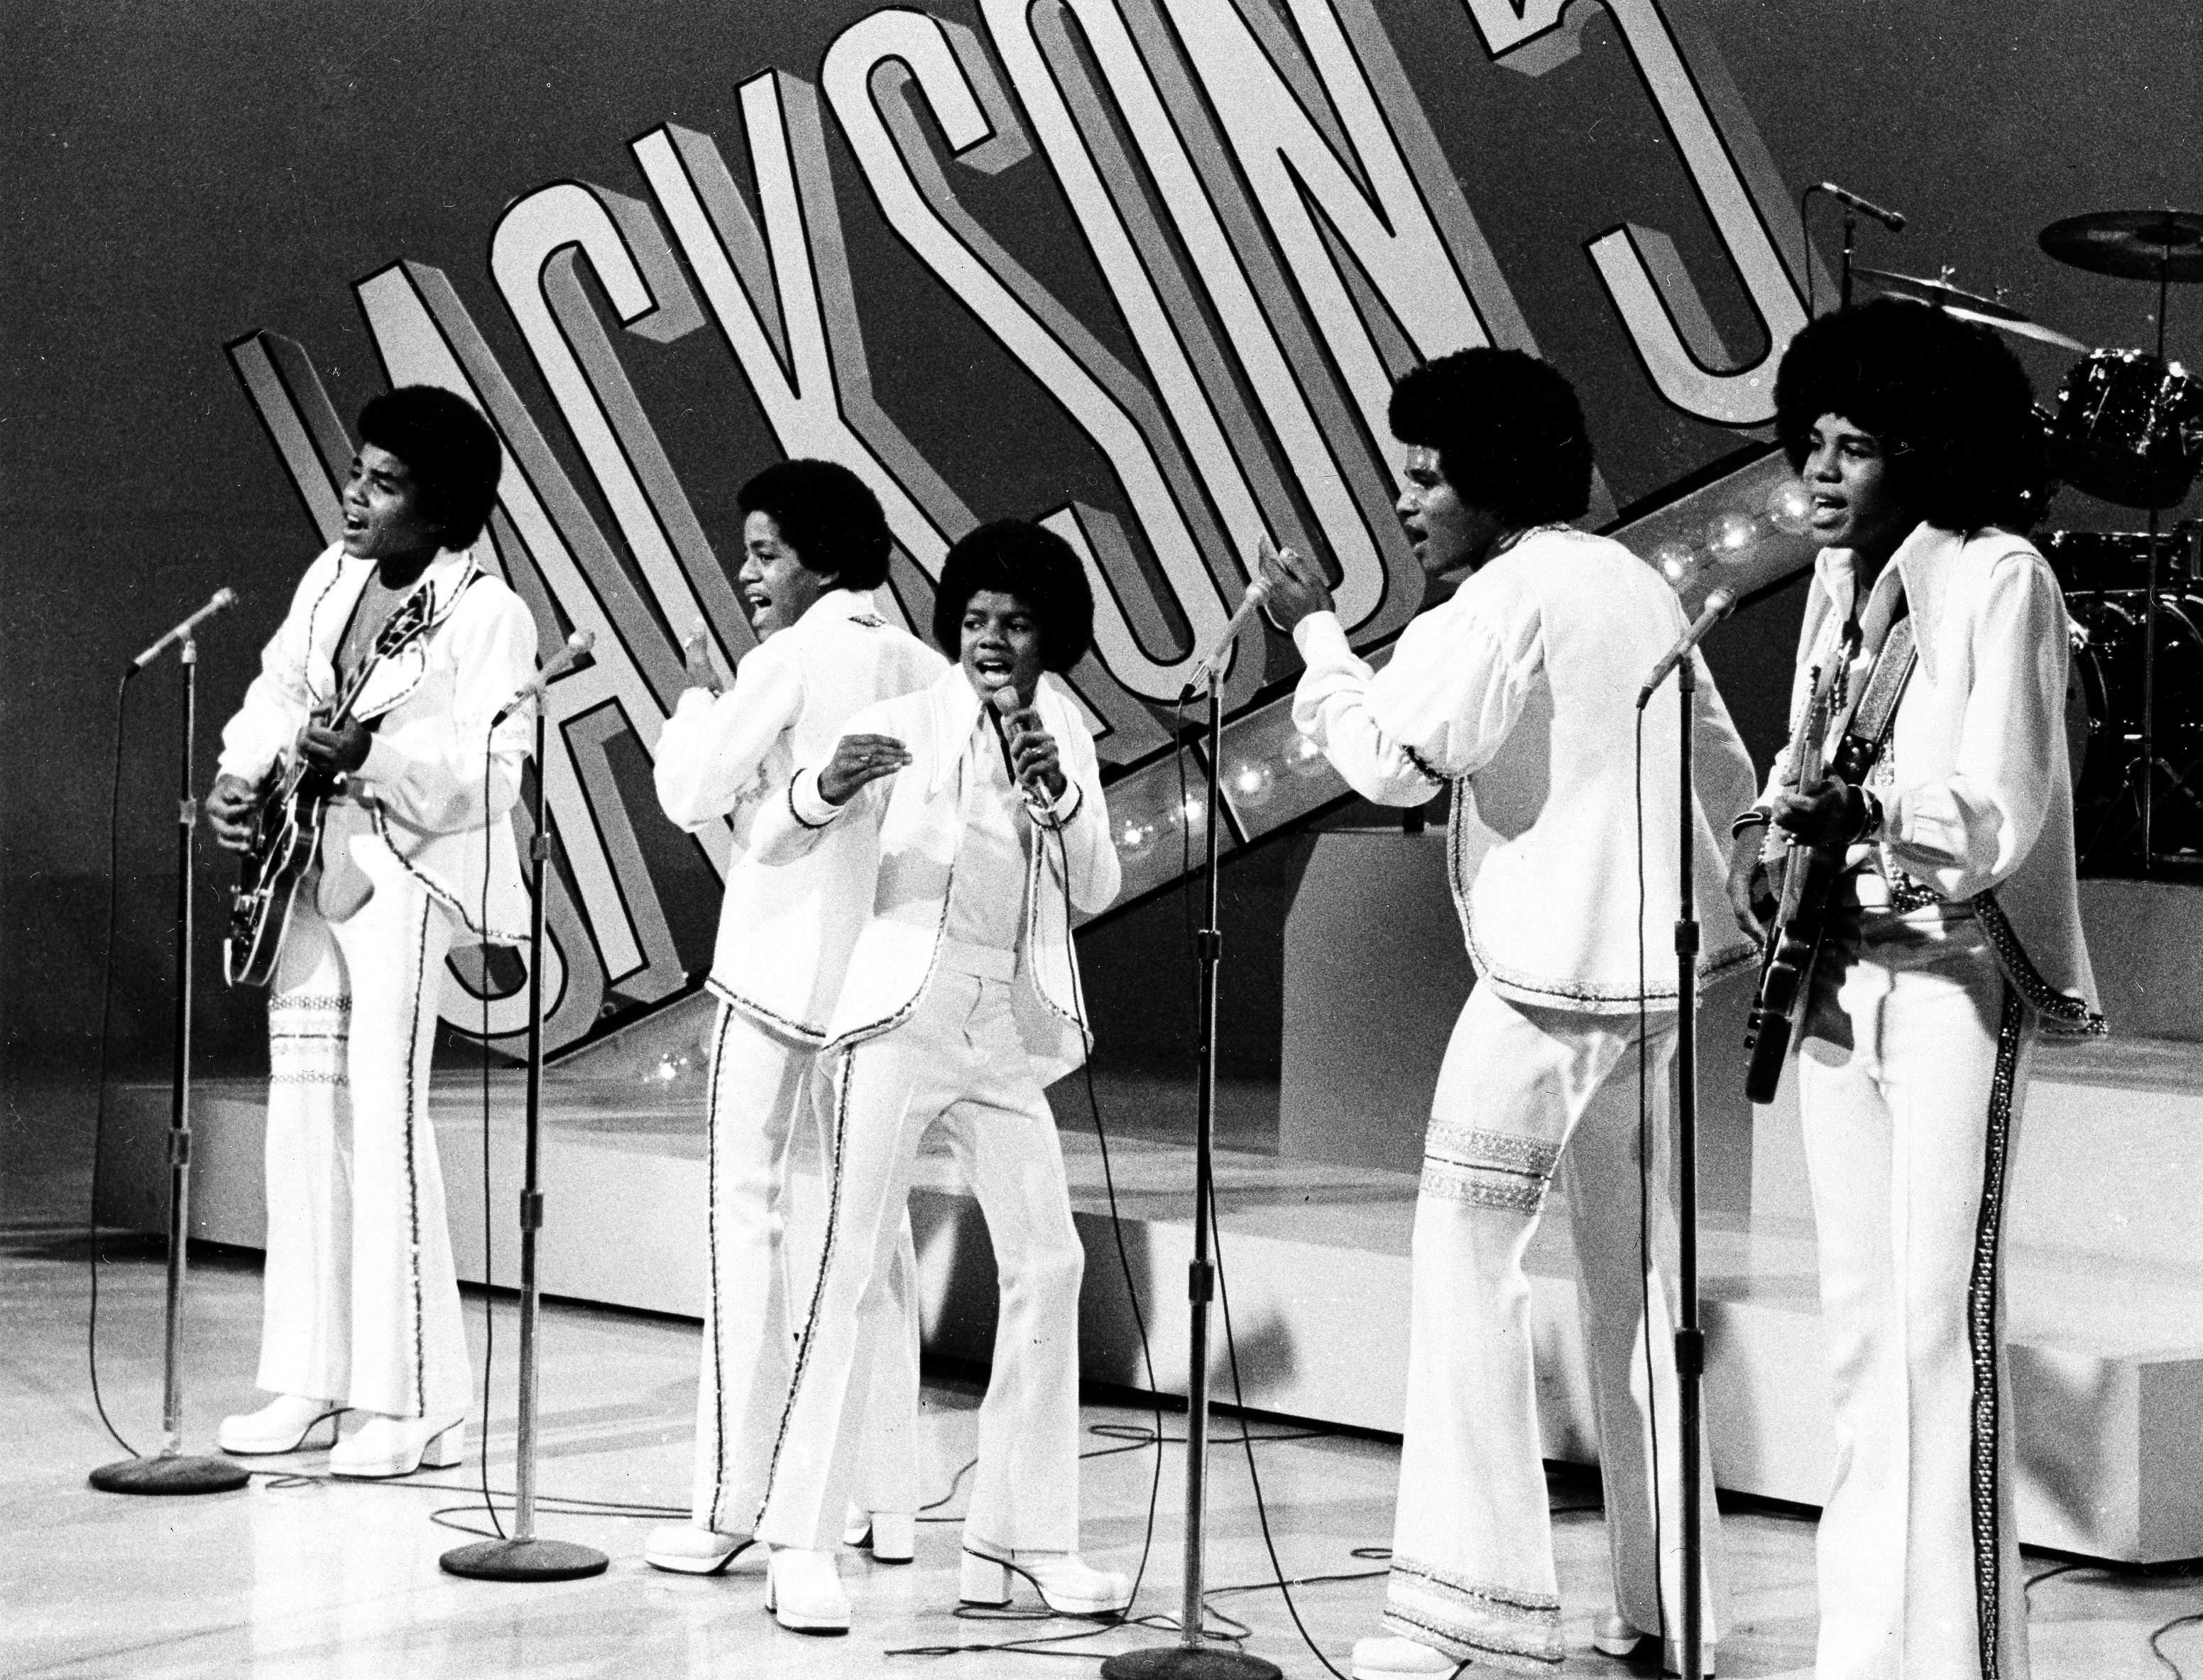 1972年9月15日,麥可傑克森(中,Michael Jackson)與兄弟組成的「傑克森五人組 (Jackson 5)」於洛杉磯表演。美聯社